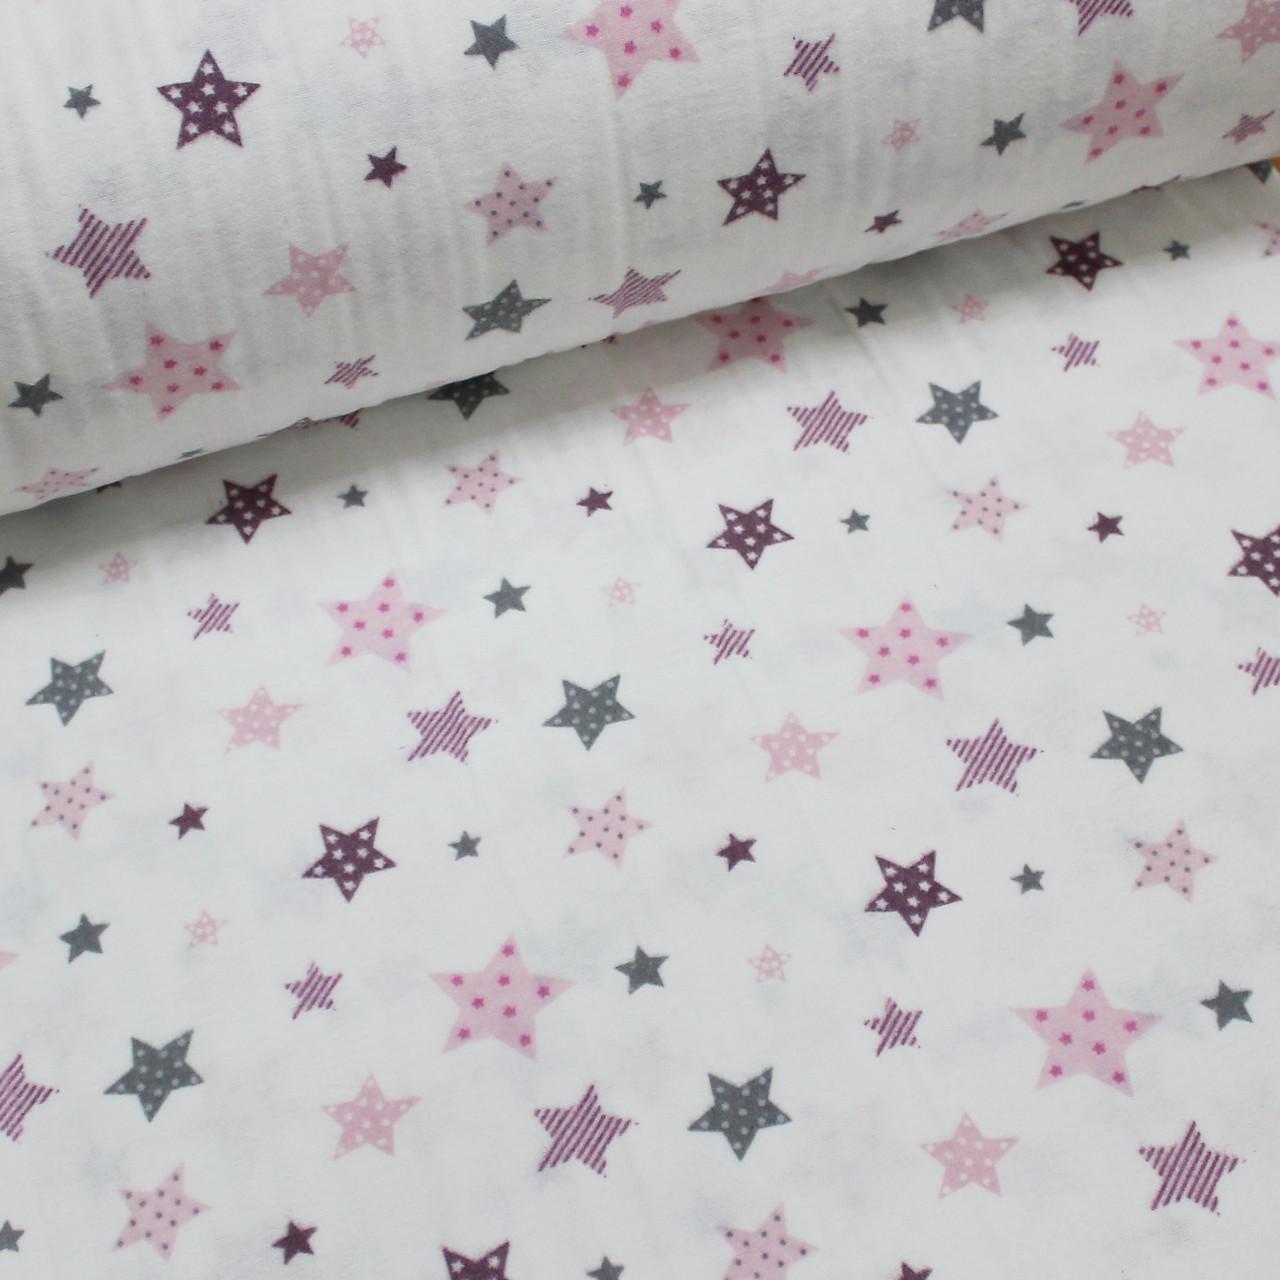 Фланелевая ткань (ТУРЦИЯ шир. 2,4) Звездопад розово-серый на белом